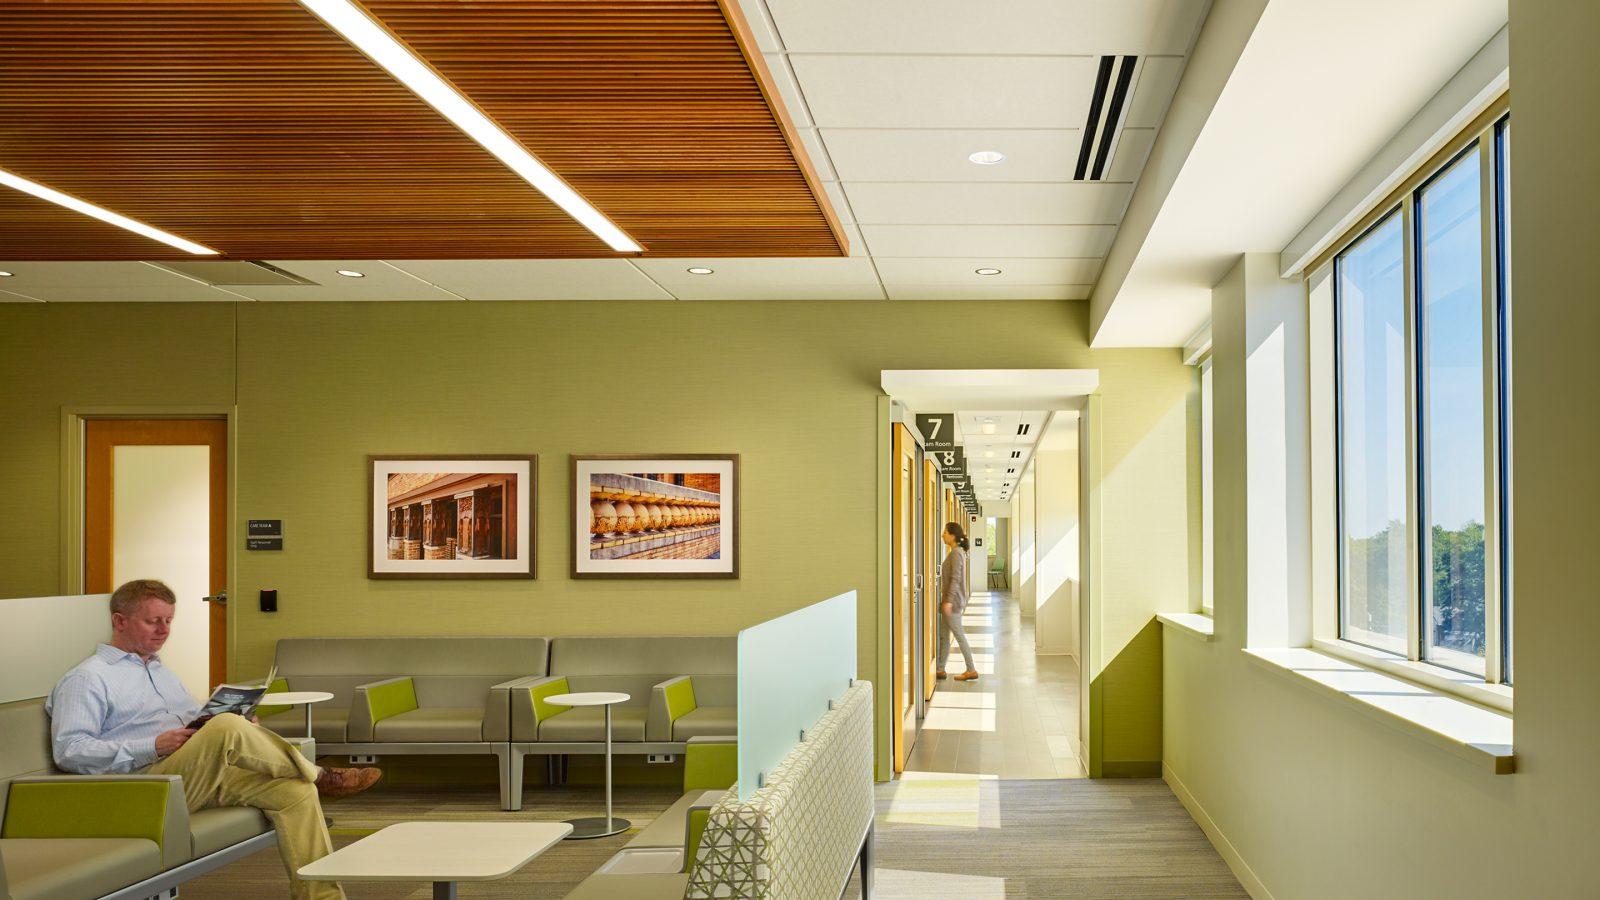 Rush Oak Park Hospital Specialty Clinic, Oak Park, IL by Skender